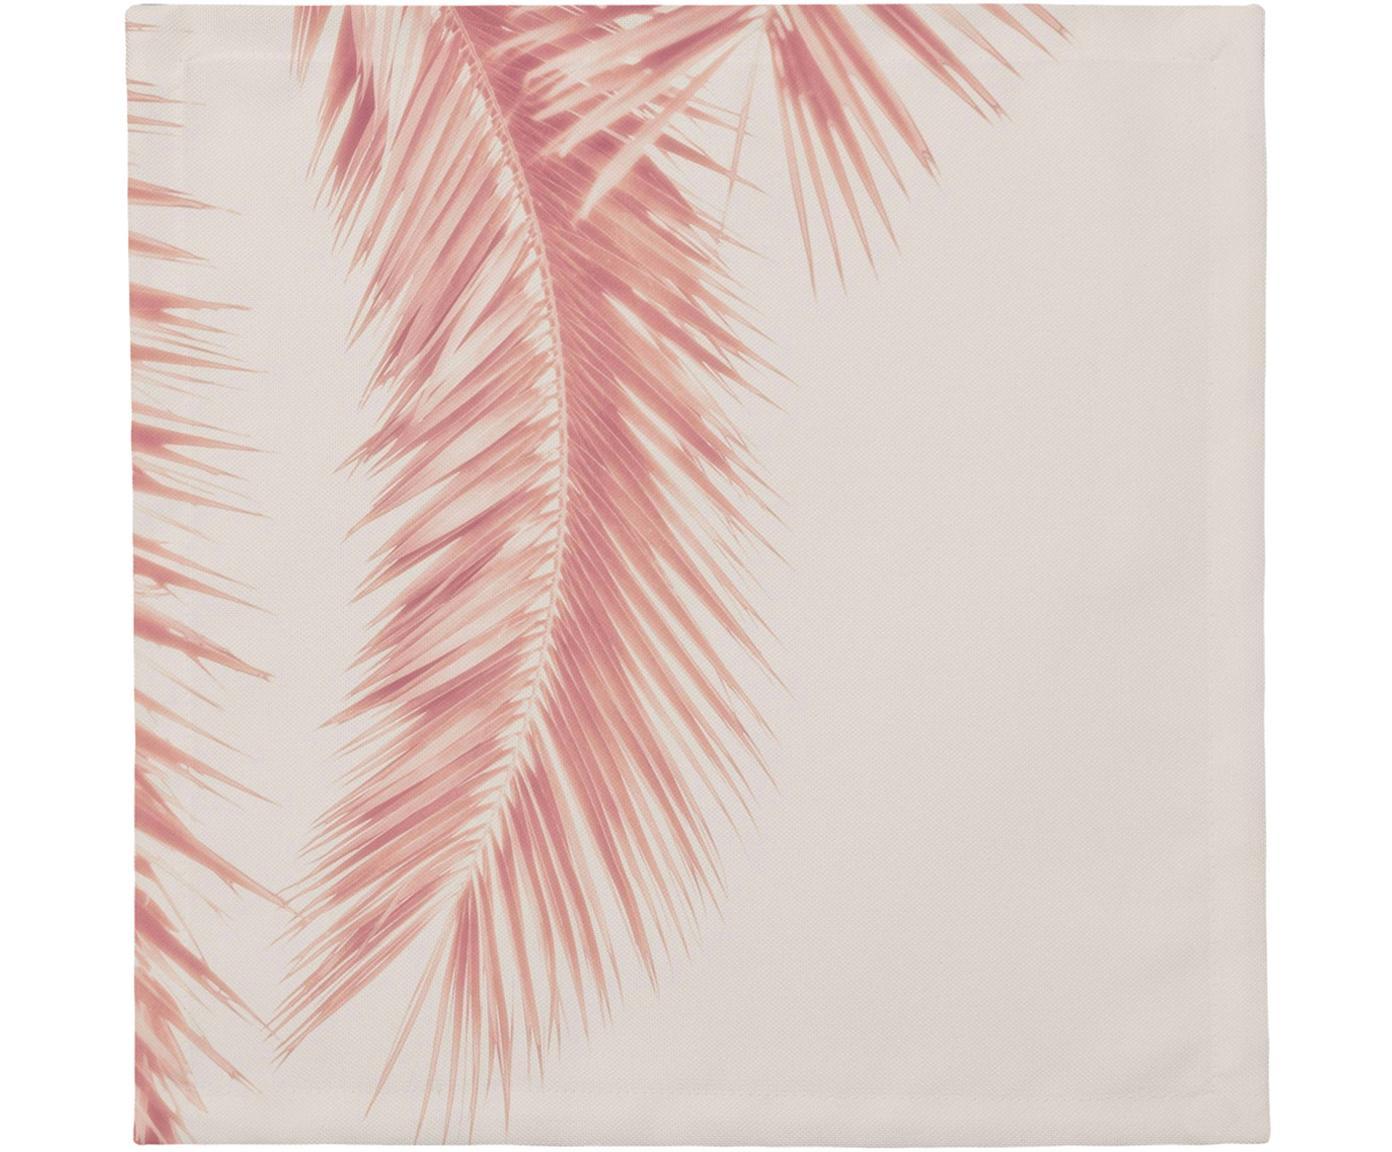 Tovagliolo in cotone Palm Leaves 4 pz, Cotone, Tonalità rosa, Larg. 40 x Lung. 40 cm